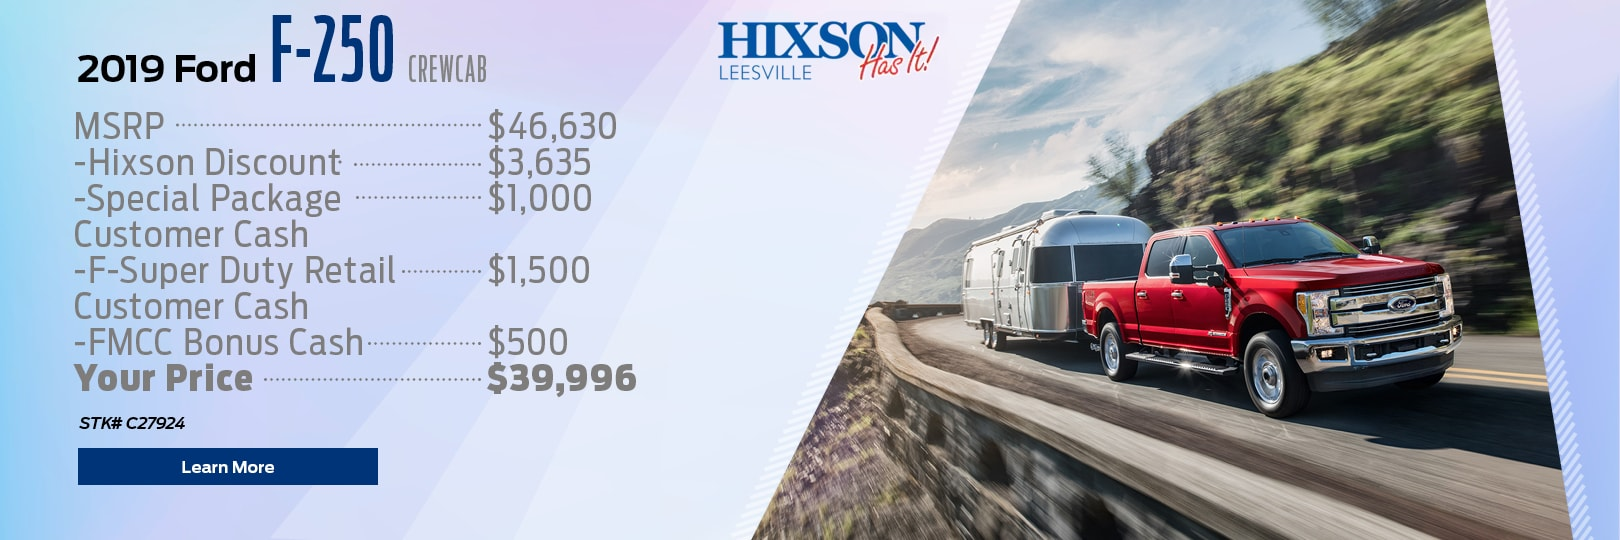 New Used Ford Vehicle Dealership Hixson Ford Of Leesville La